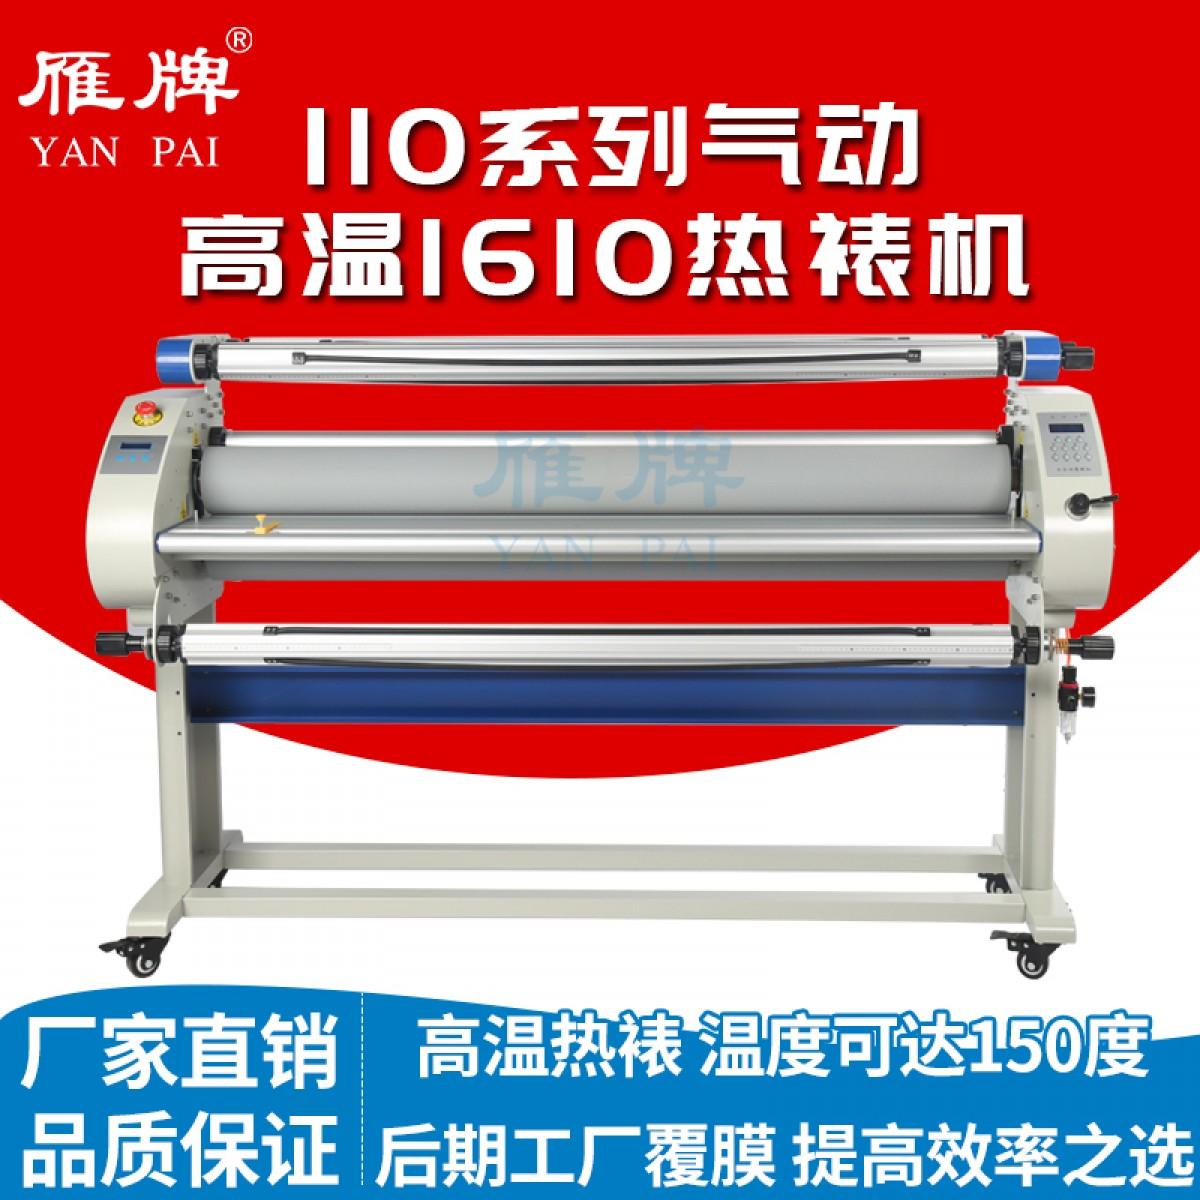 雁牌1610高温气动电动热裱机冷裱机全自动覆膜机广告写真装饰画热裱水晶膜覆膜机